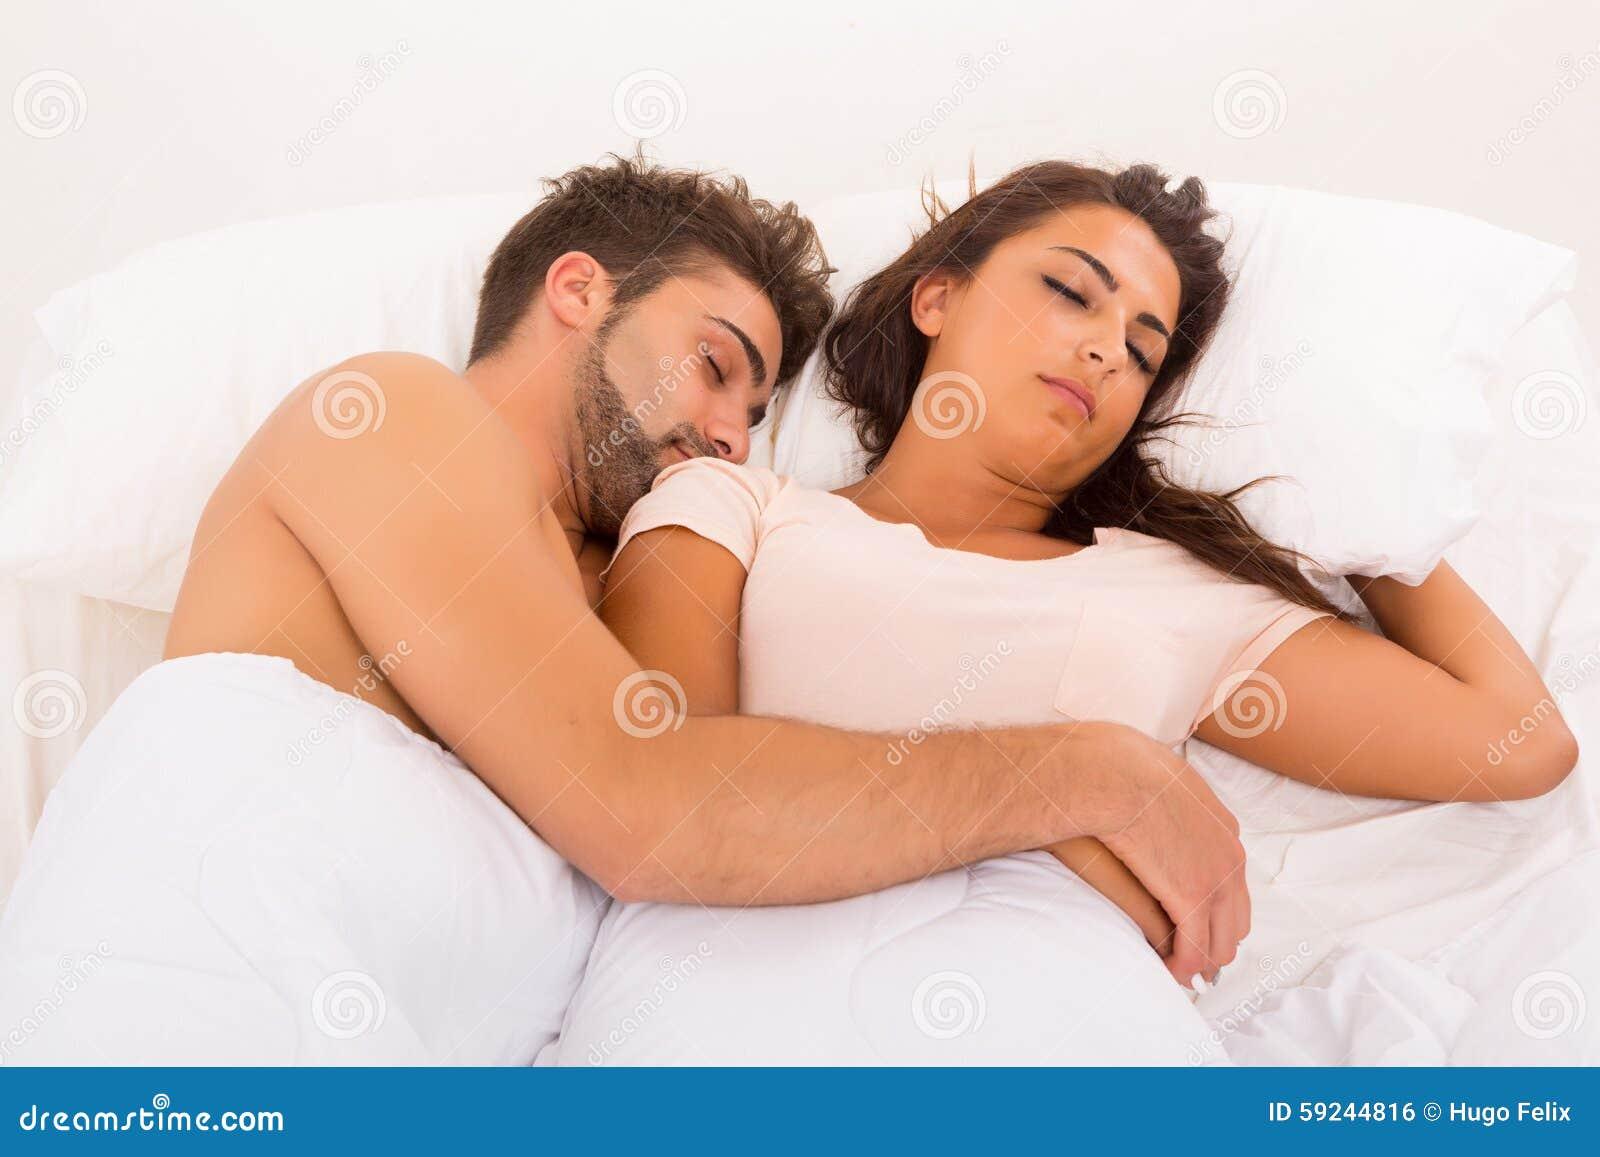 Download Pares en cama foto de archivo. Imagen de diversión, familia - 59244816